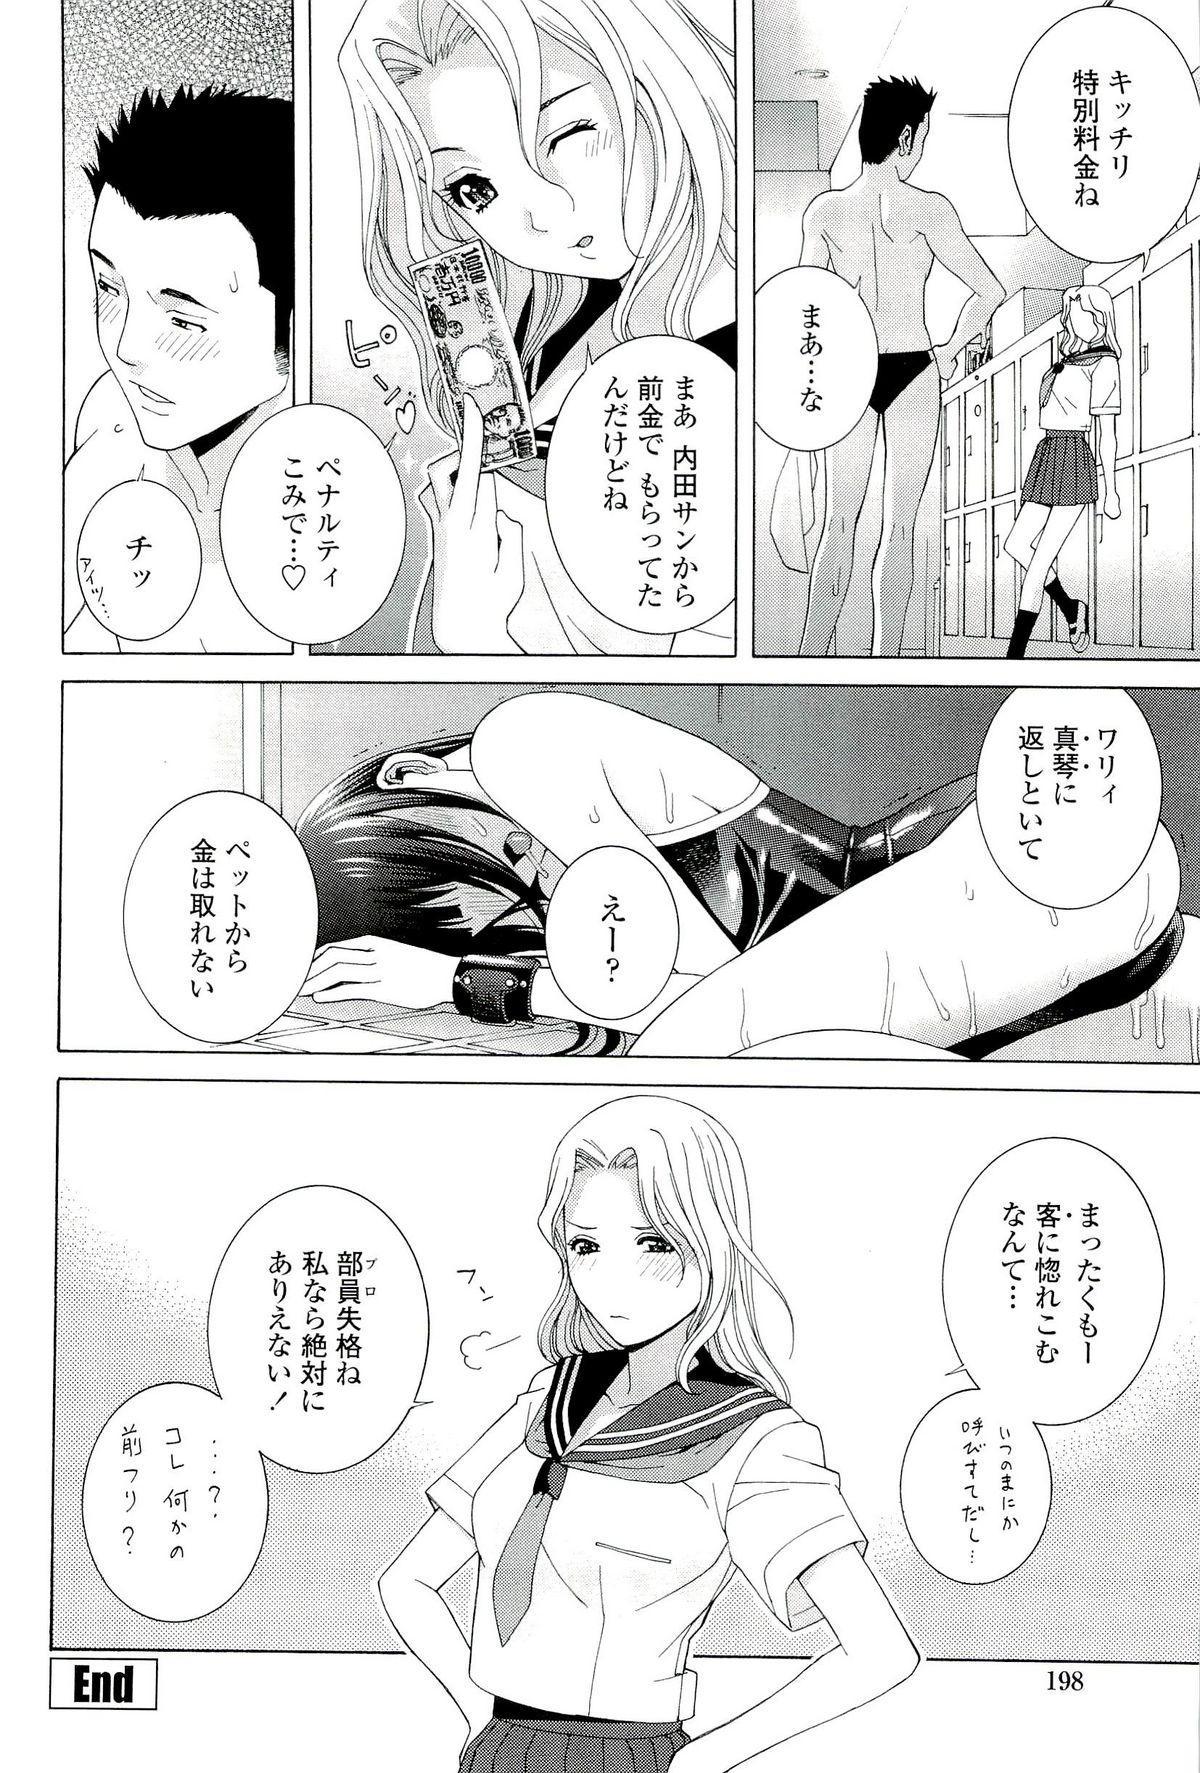 Ane ♡ Mai Love 201